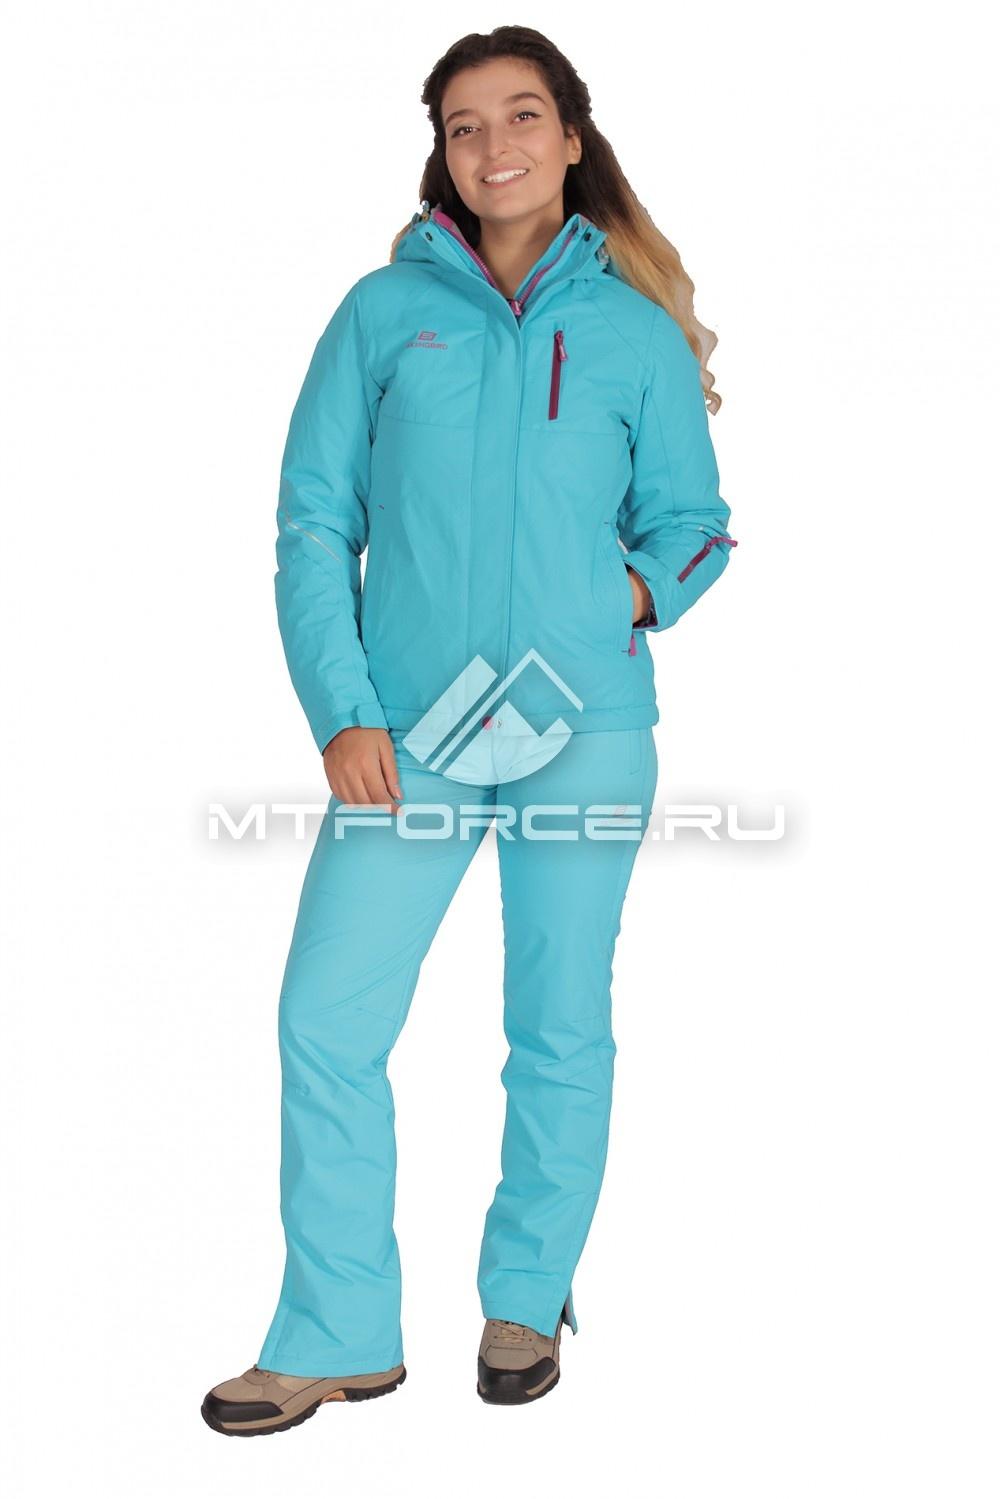 Купить                                  оптом Костюм демисезонный женский голубого цвета 01708G